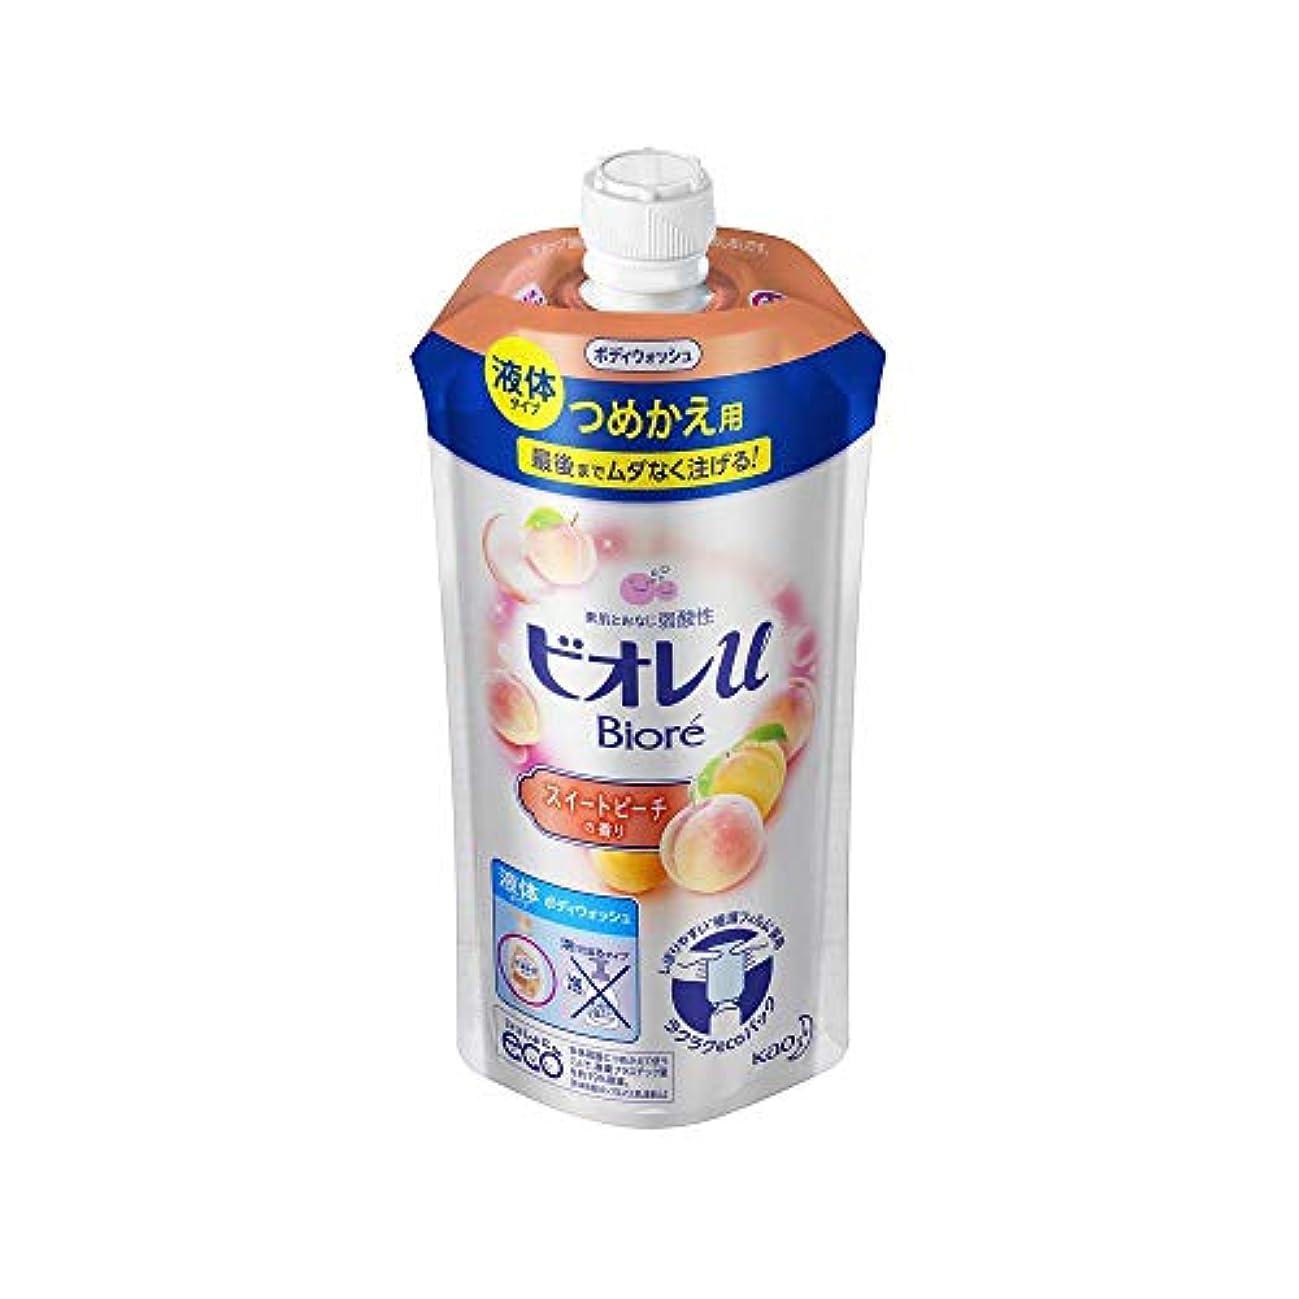 ホステスひどく画像花王 ビオレu スイートピーチの香りつめかえ用 340ML